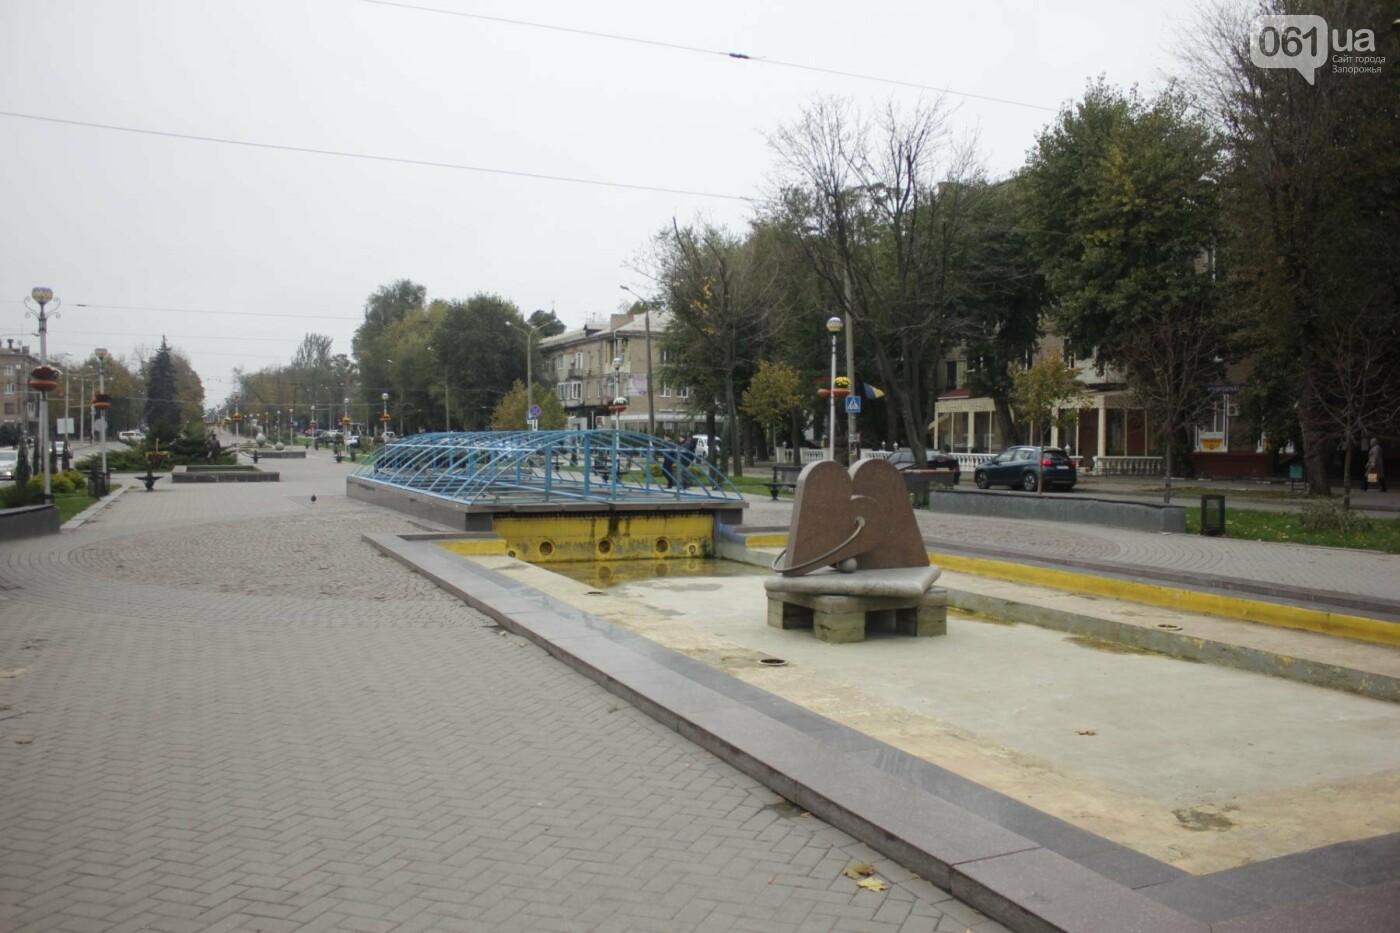 Зима близко: в Запорожье законсервировали фонтаны, - ФОТО , фото-1